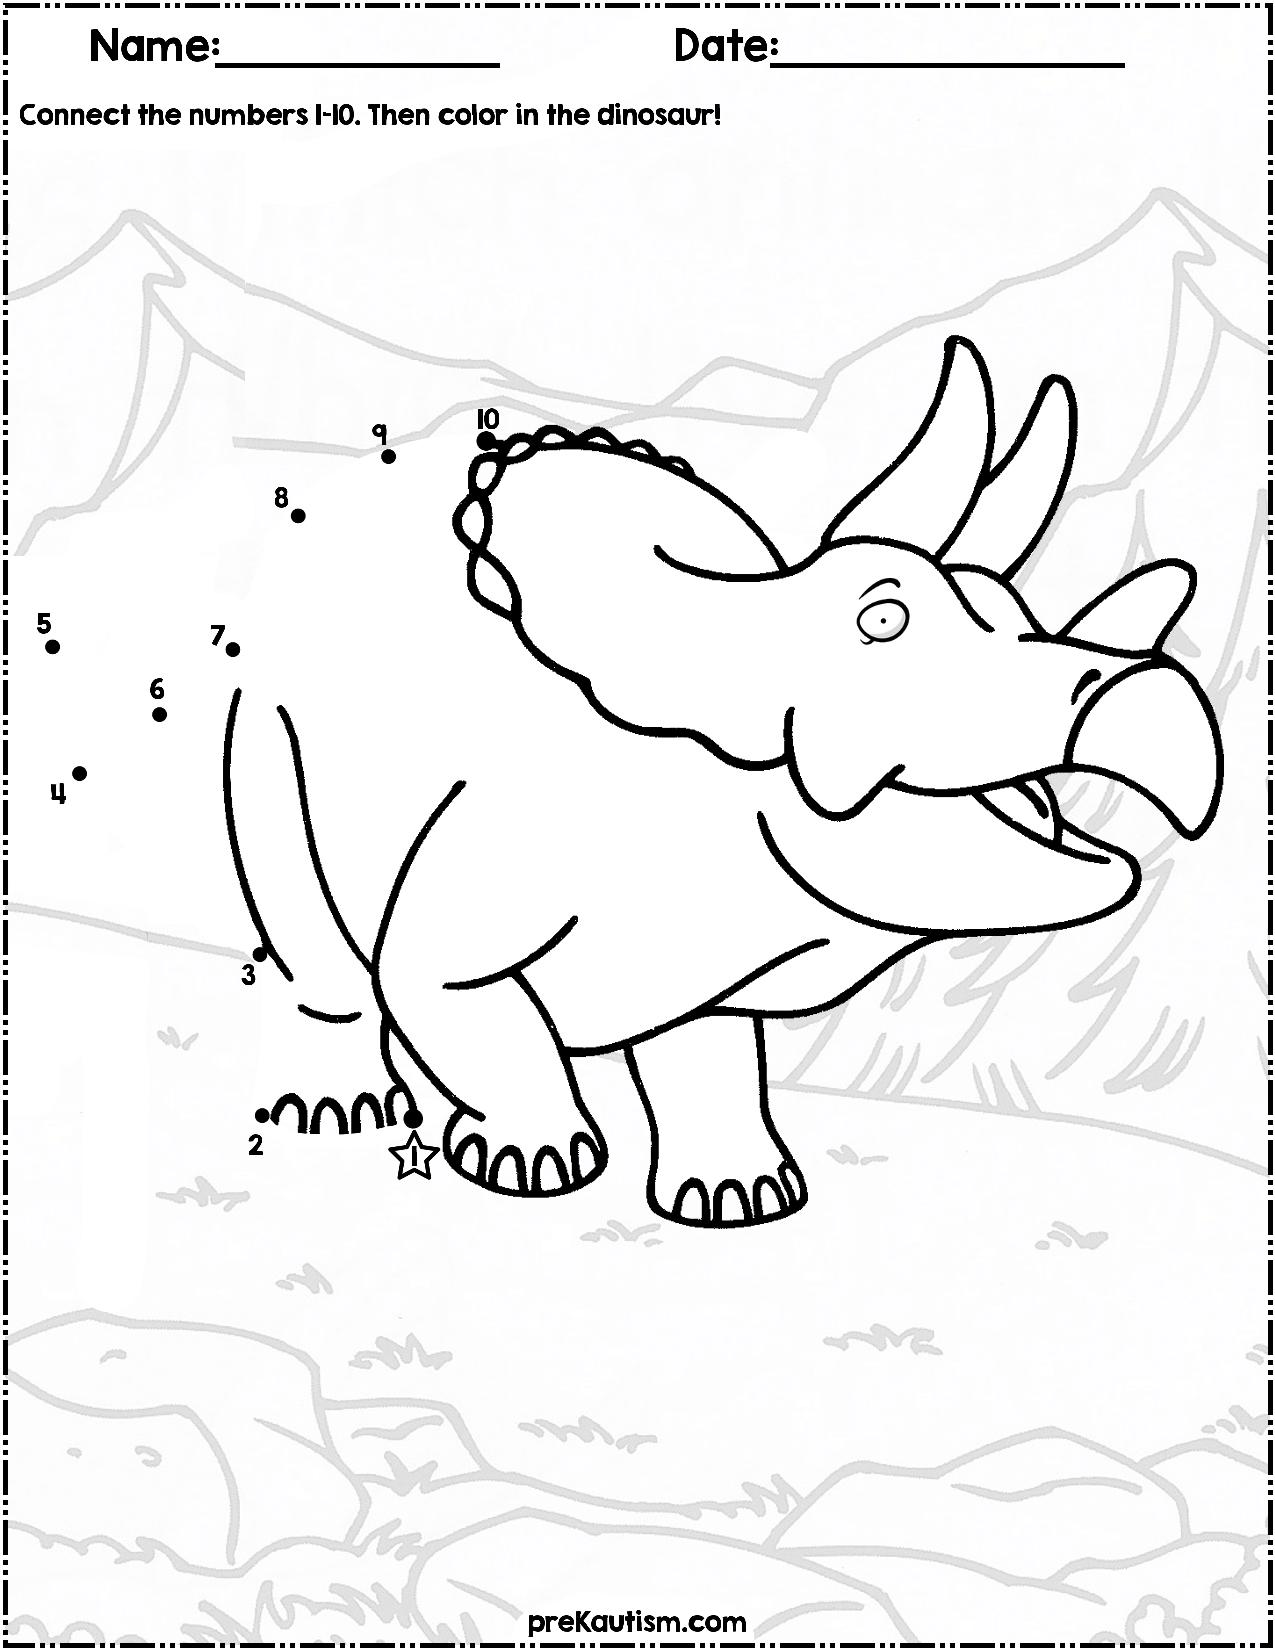 Dinosaur Dot To Dot 1 10 Dinosaur Preschool Activities Math Worksheet [ 1650 x 1275 Pixel ]